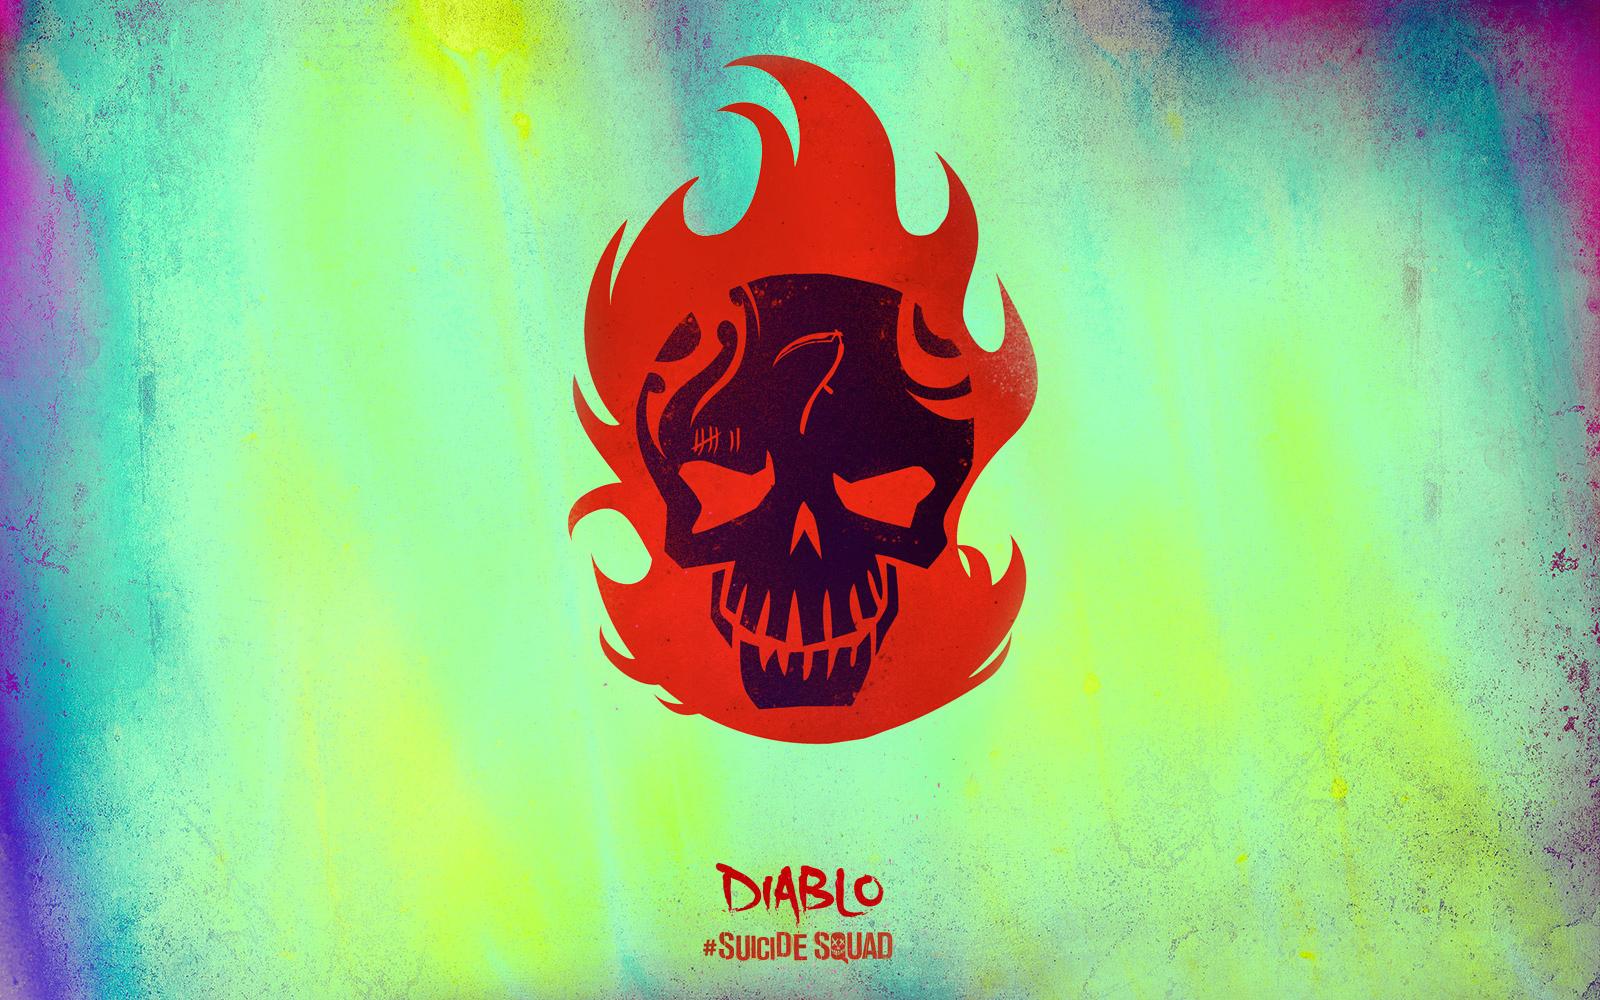 Suicide Squad Skull wolpeyper - Diablo